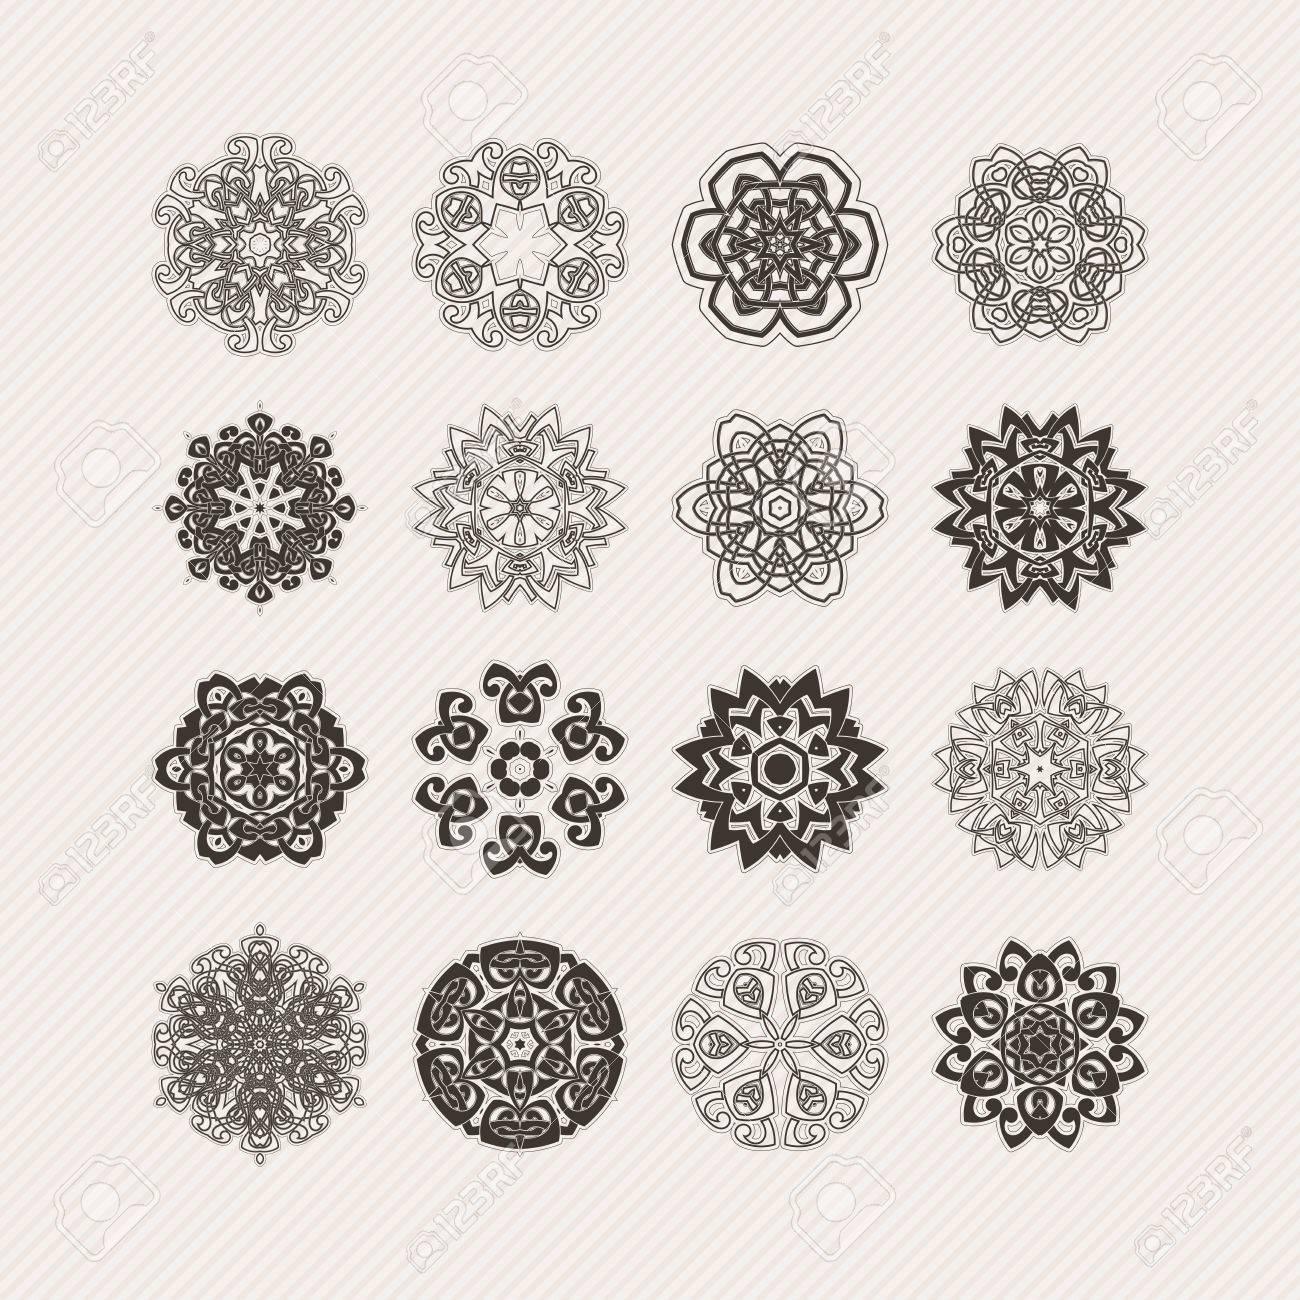 Set Of Ornate Mandala Symbols. Gothic Lace Tattoo. Celtic Weave With Sharp  Corners.